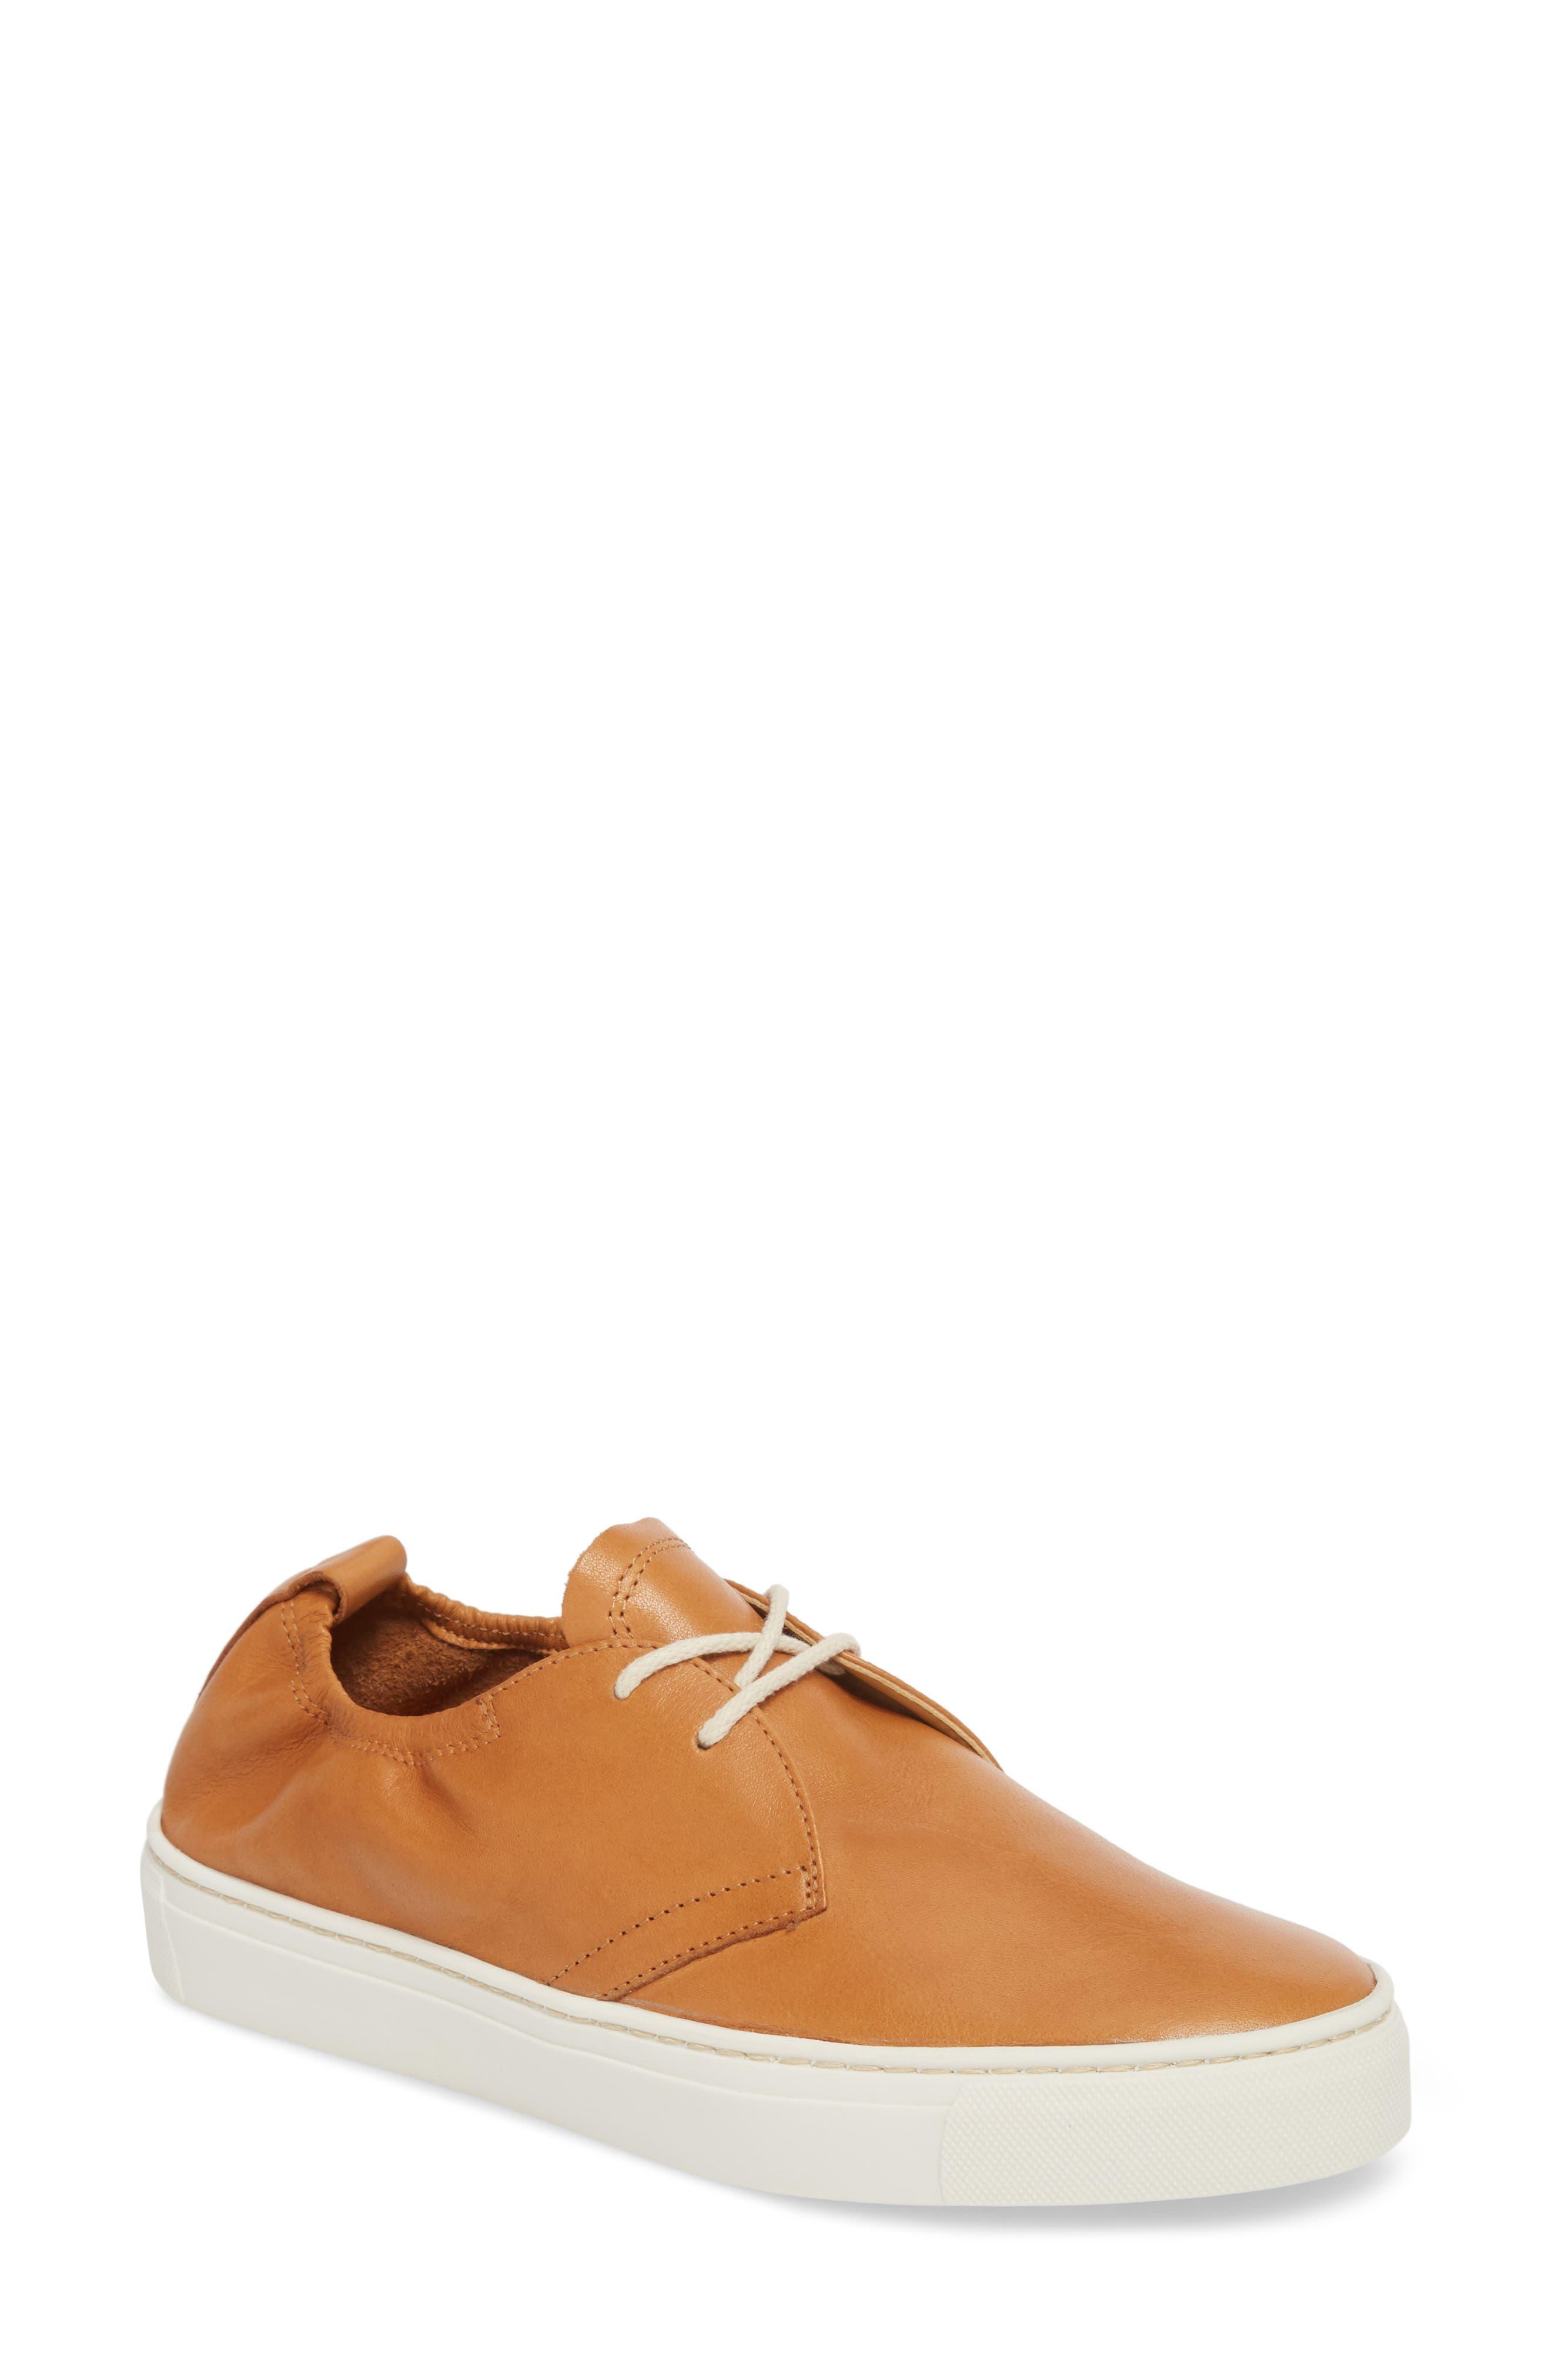 Sneak Up Sneaker,                             Main thumbnail 1, color,                             Cognac Leather